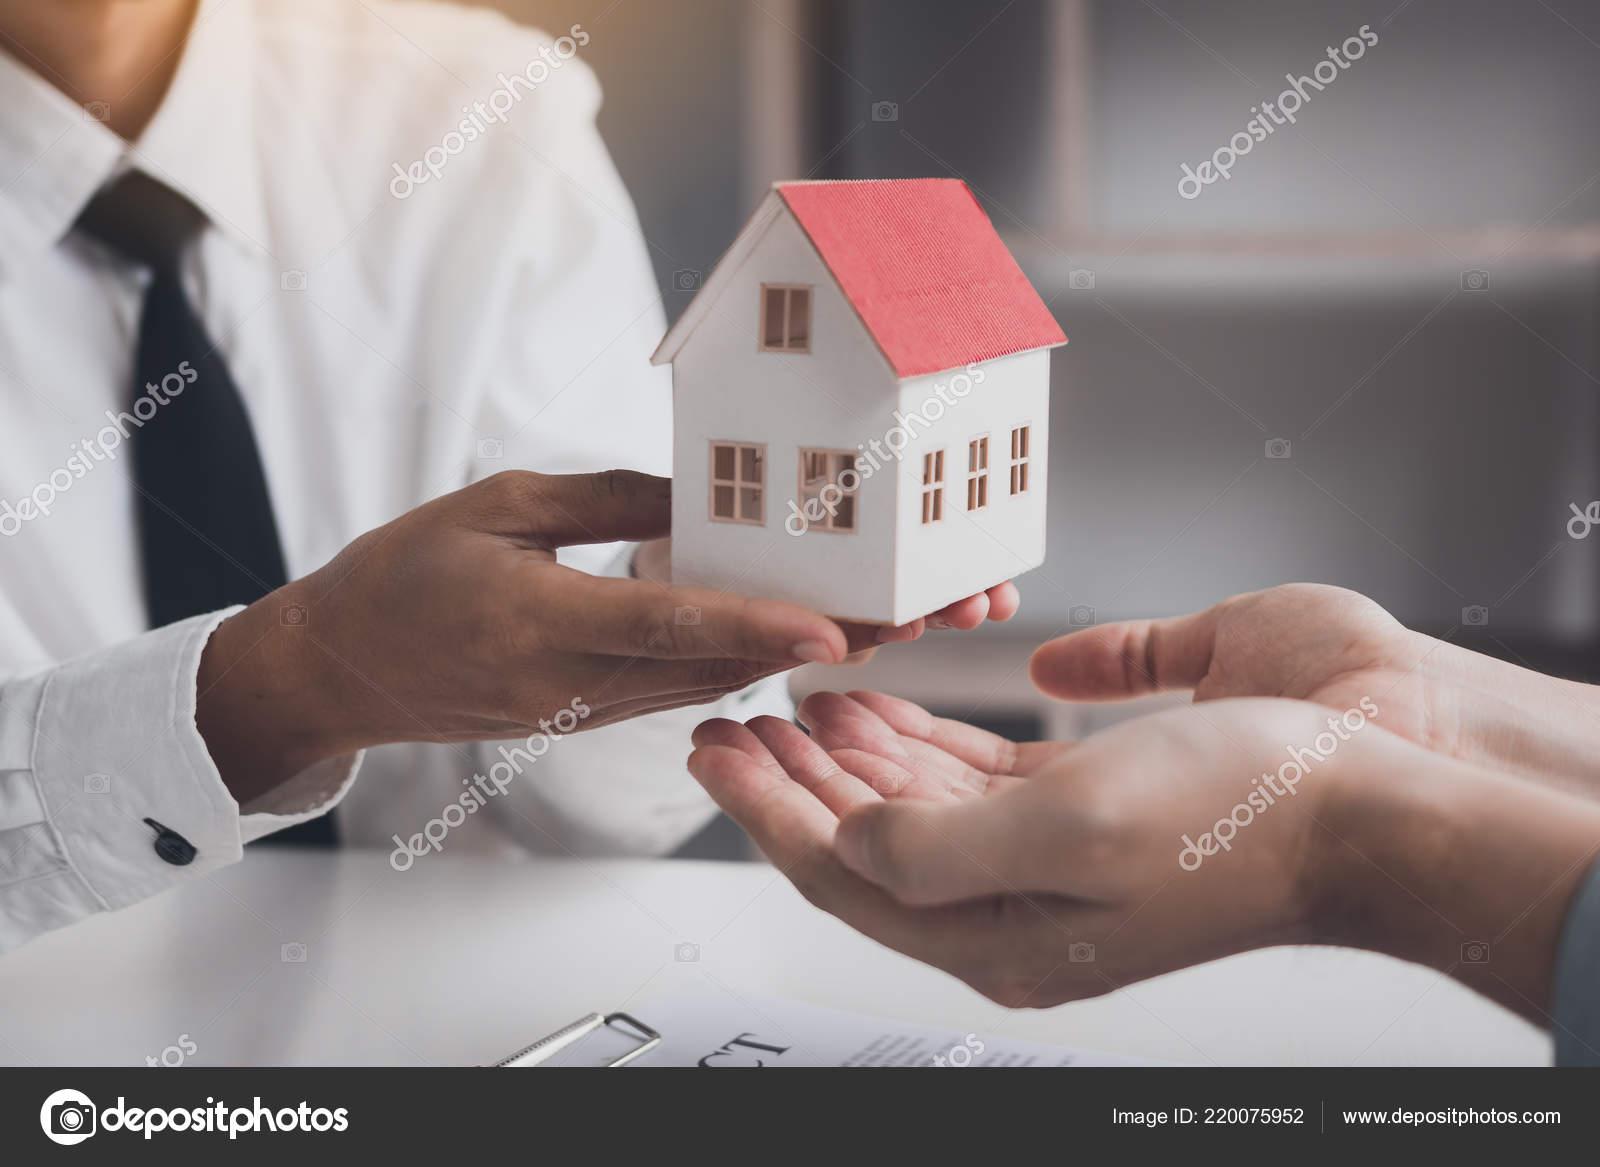 289d9194f1e Μεσιτικό Γραφείο Συγχαρητήρια Στον Νέο Αγοραστή Δίνοντας Σπίτι ...